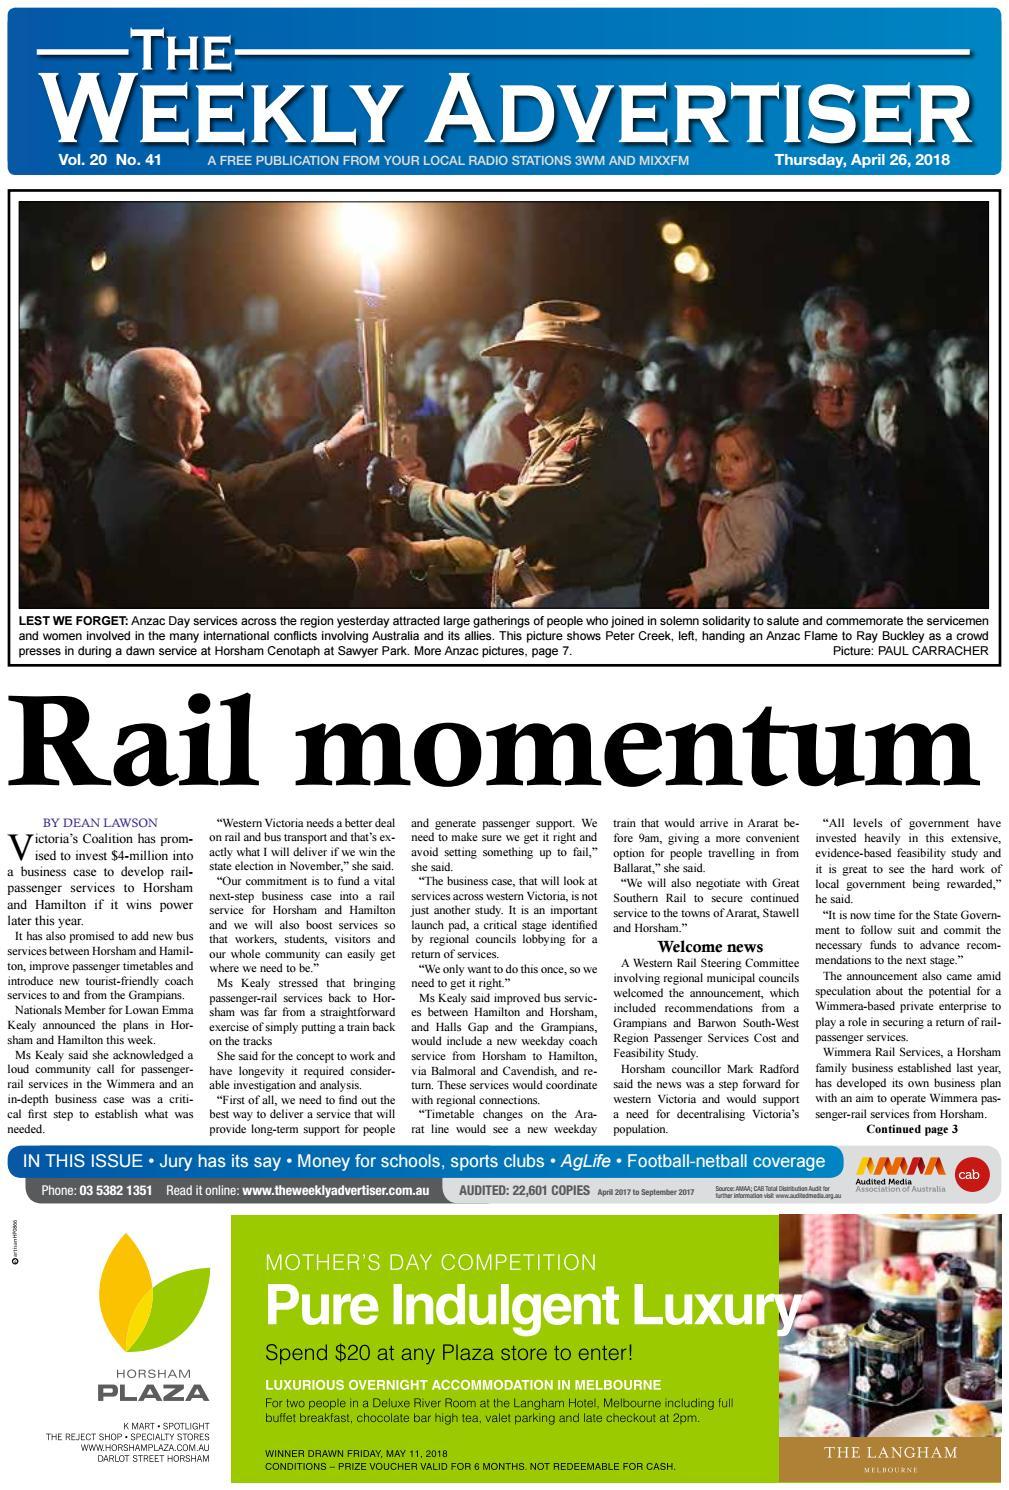 81e816dacd The Weekly Advertiser - Thursday